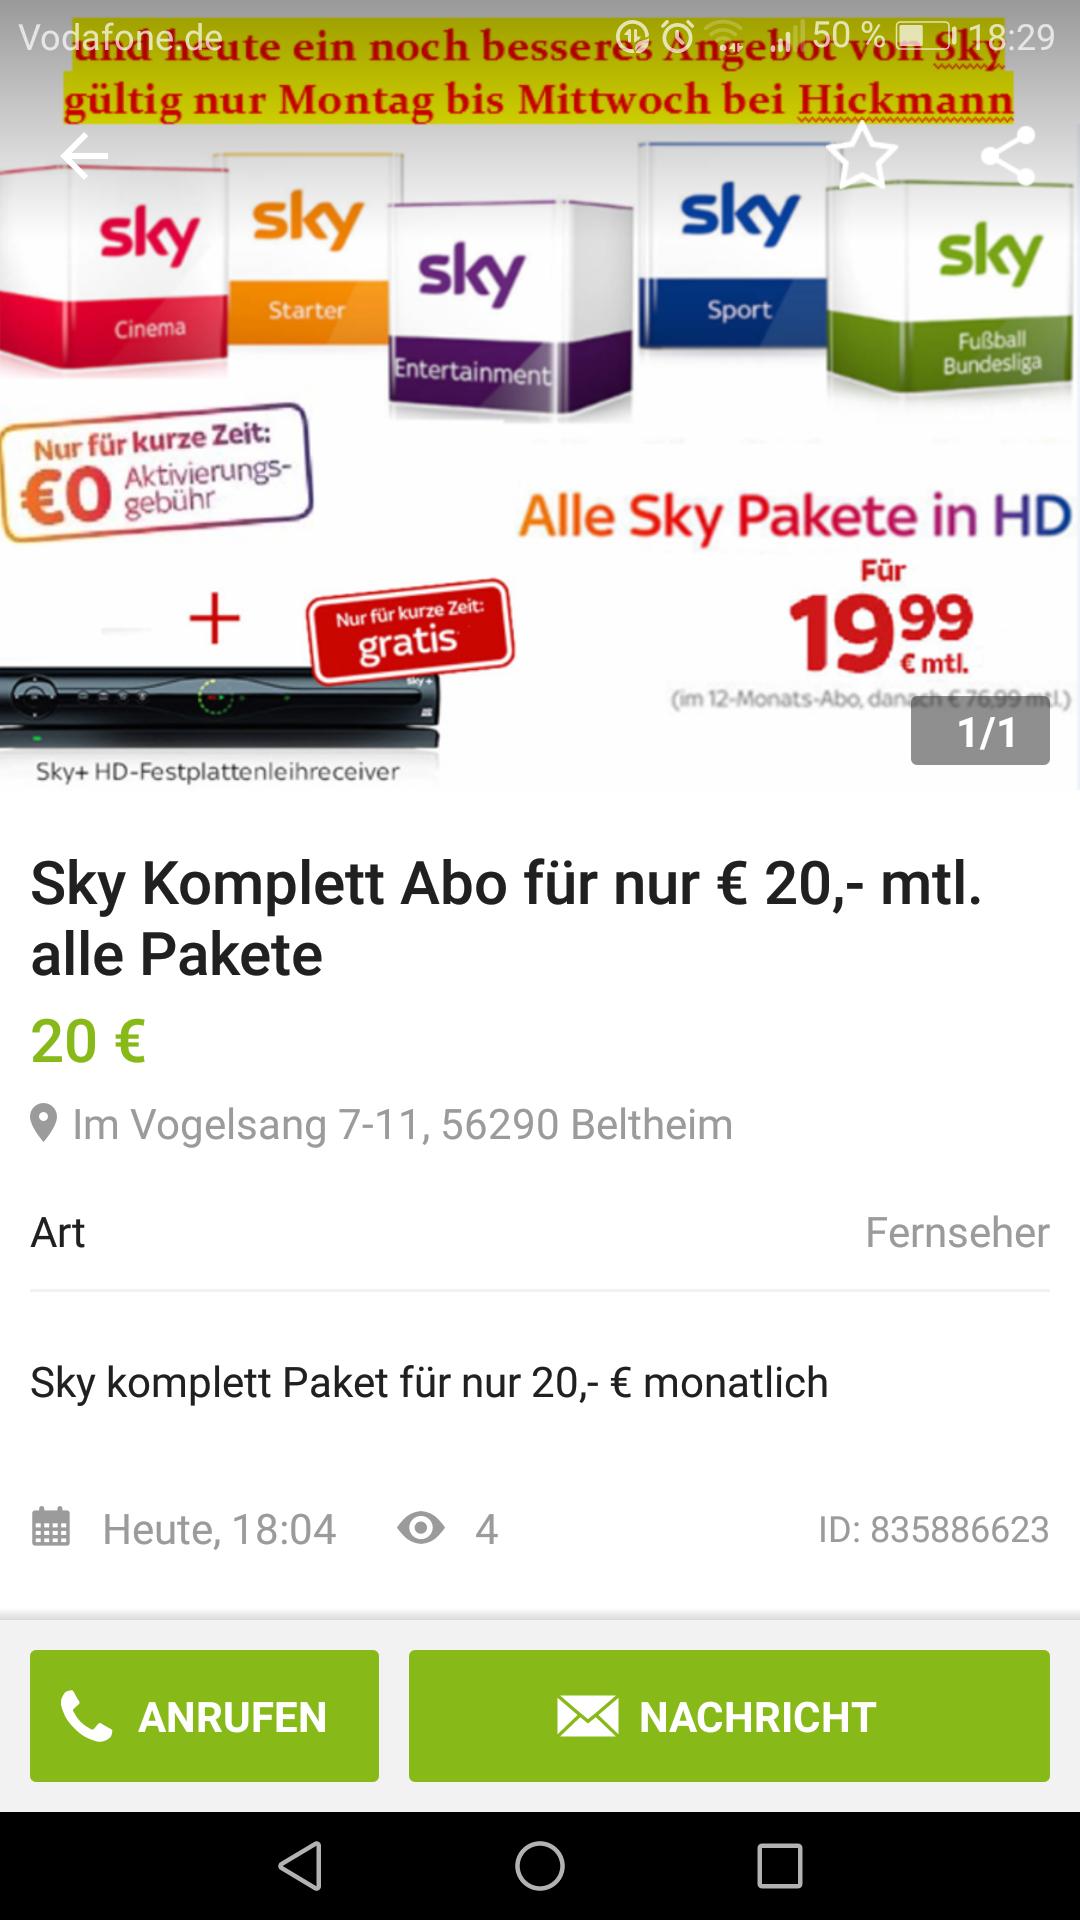 (Lokal 56290 Beltheim) Alle Sky Pakete inkl.HD für 19.99 mtl.